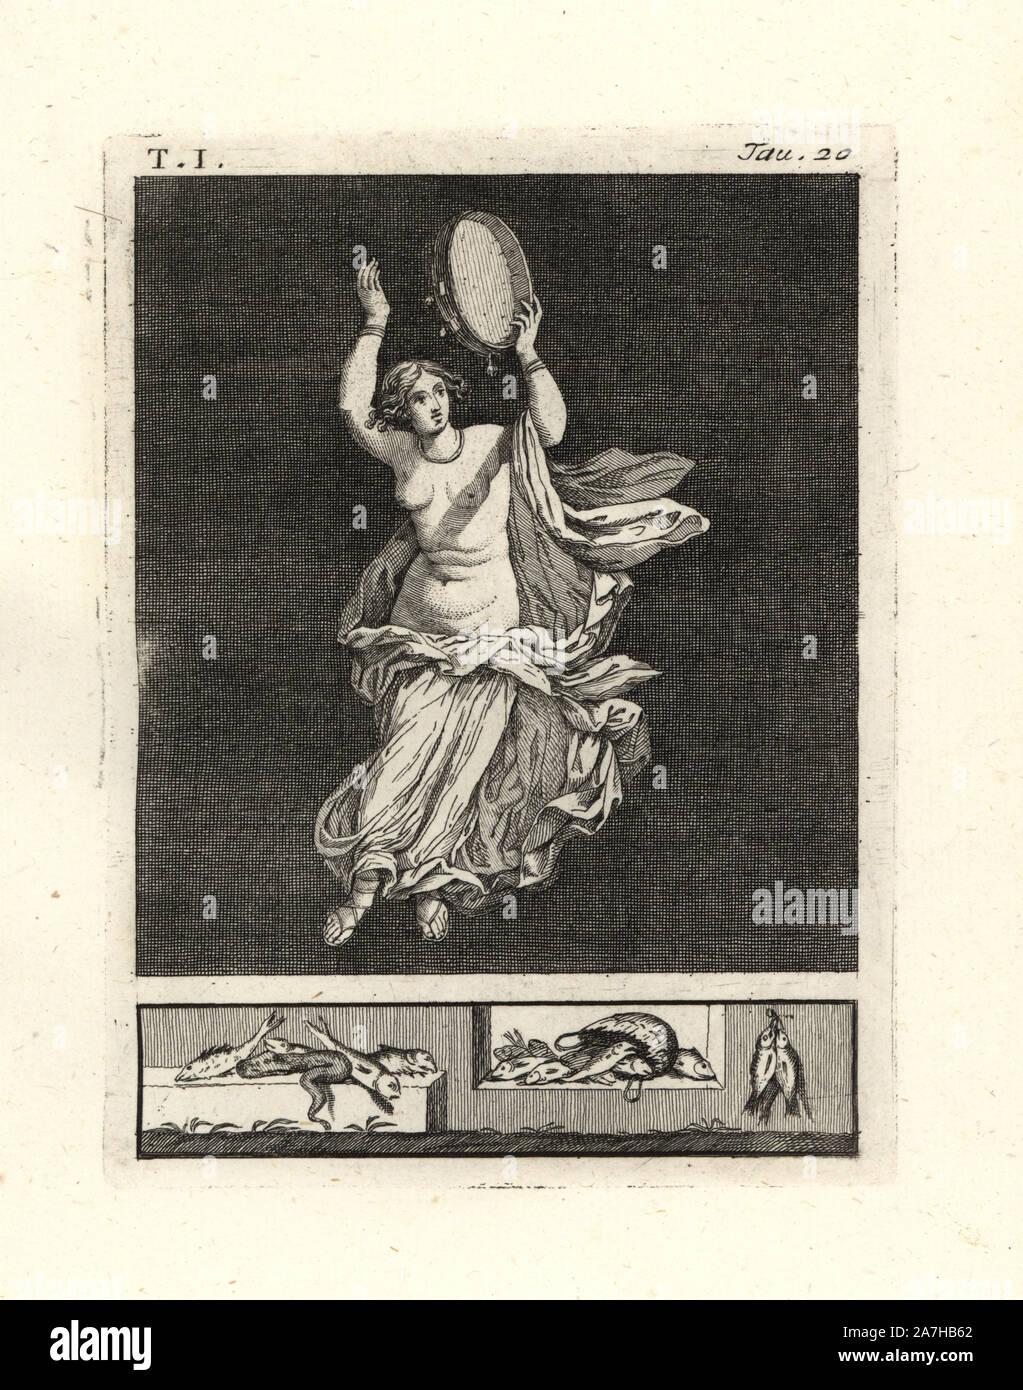 """Peinture enlevée d'un mur d'une pièce, peut-être un triclinium ou salle à manger, dans une maison de Pompéi en 1749. Il montre un danseur bacchant frappant un tympan ou tambourin avec sa main. Elle porte un collier et des bracelets, et une belle robe en blanc bordé de rouge, couleur de Bacchus. Gravée sur cuivre par Tommaso Piroli à partir de son propre 'Antichita di Ercolano"""" (antiquités d'Herculanum), Rome, 1789. L'artiste italien et graveur Piroli (1752-1824) a publié six volumes entre 1789 et 1807 documentation les peintures murales et des bronzes trouvés dans Heraculaneum et Pompéi. Banque D'Images"""